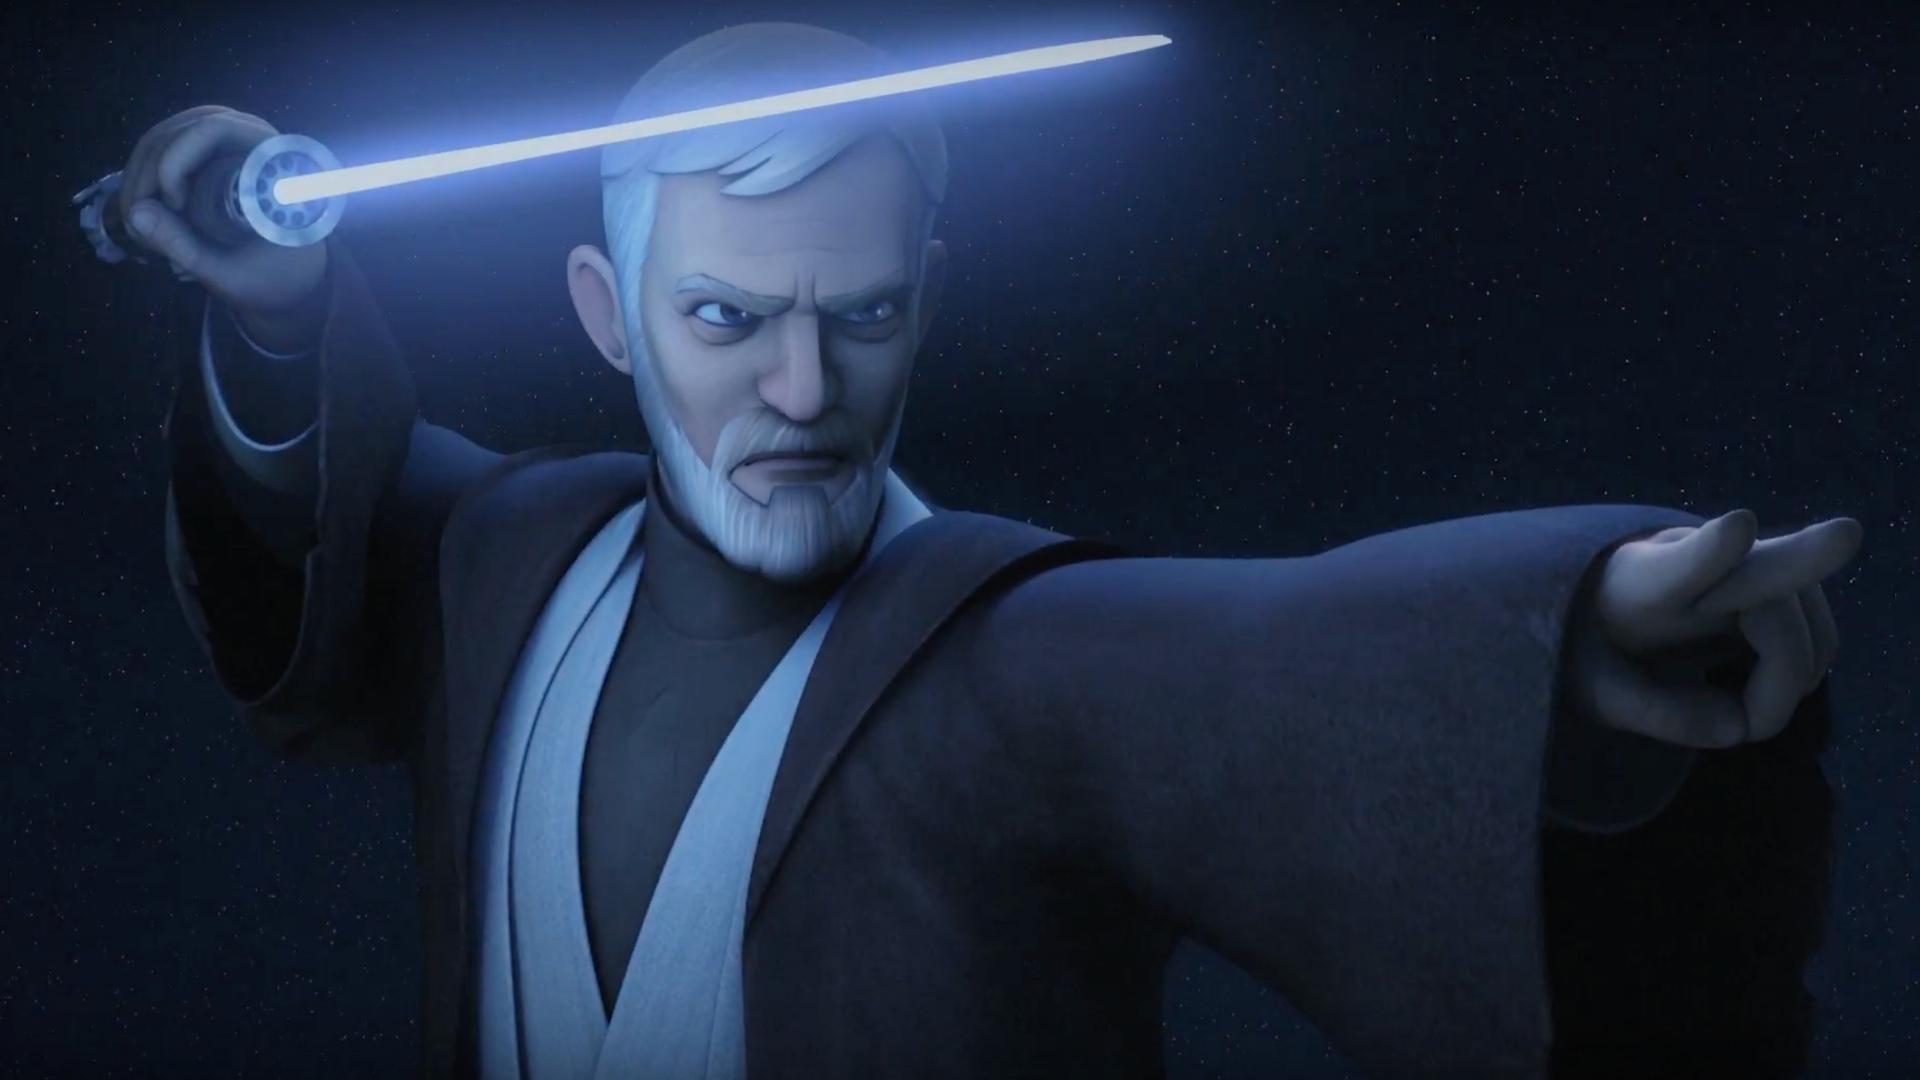 Twórcy Star Wars Rebels jadą po bandzie. Obi-Wan ponownie zmierzy się ze starym przeciwnikiem